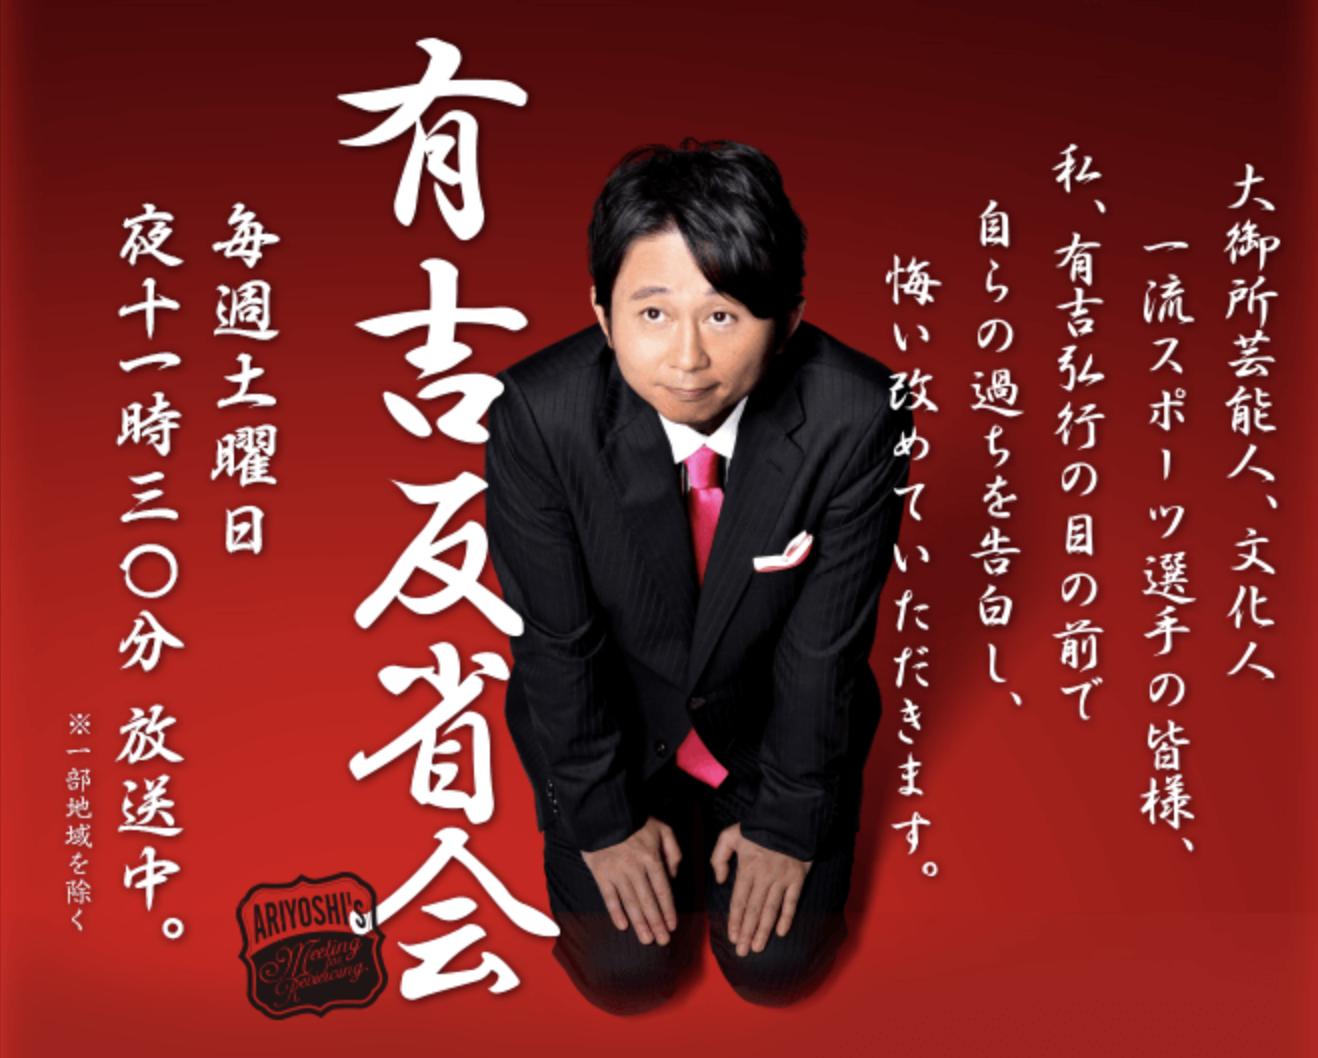 有吉反省会(クマムシ佐藤)6月27日の無料動画や見逃し配信をフル視聴する方法!